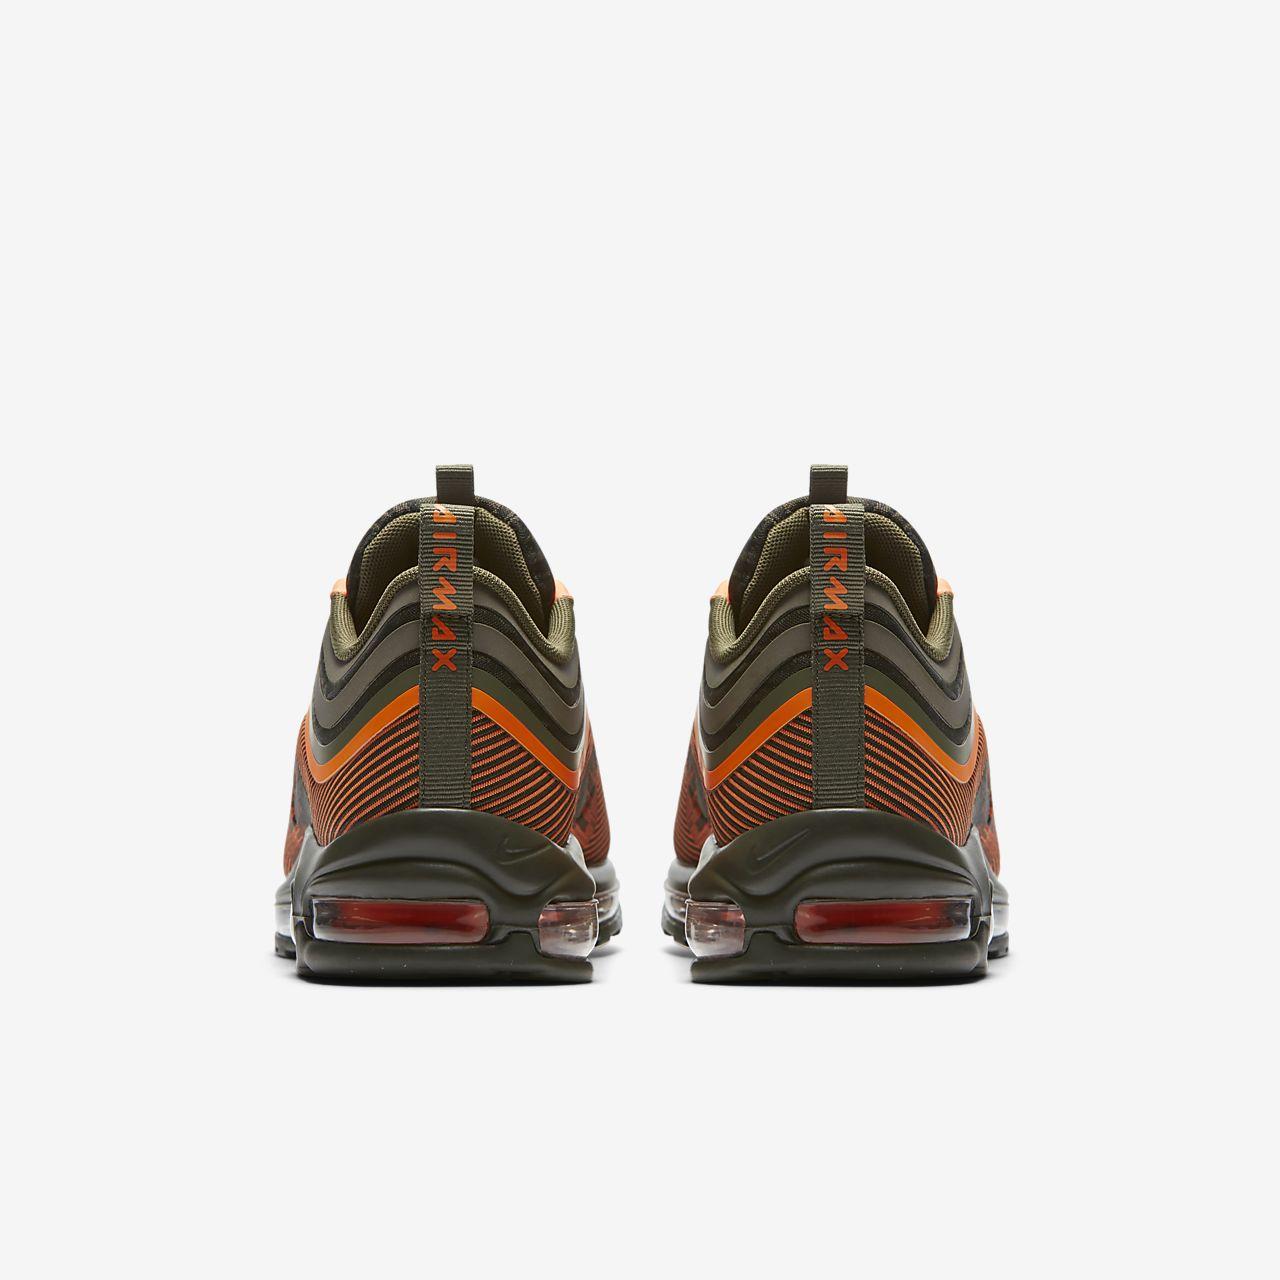 Nike Air Presto grau schwarz rot Herren Größe 8,5 Trainer